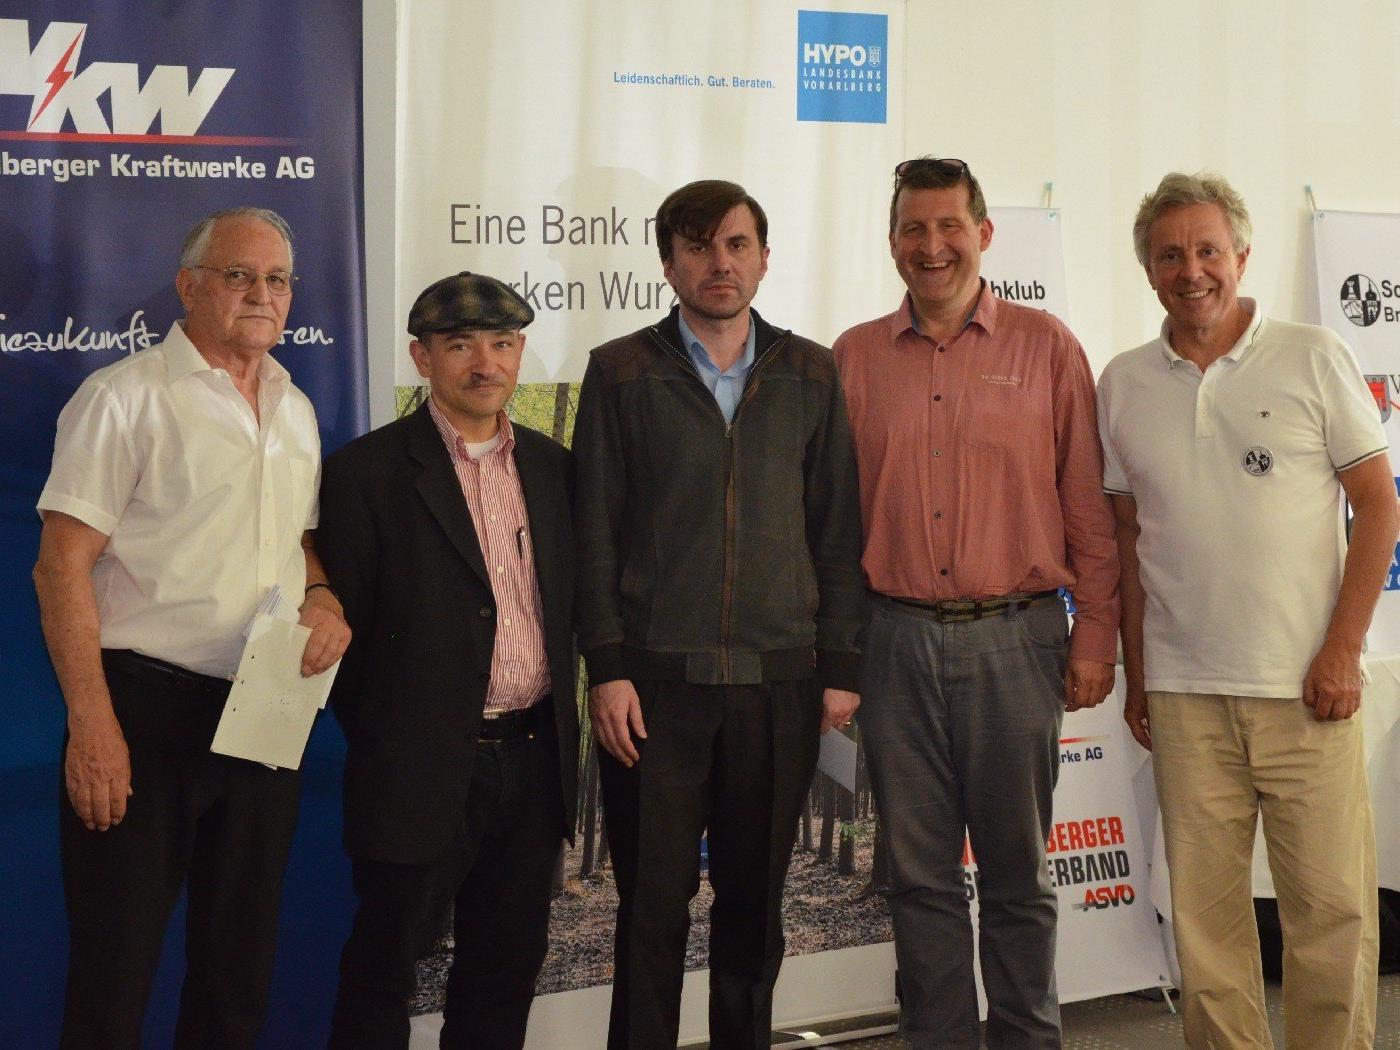 Die Sieger beim 3. Int. Bodensee-Schachopen in Bregenz